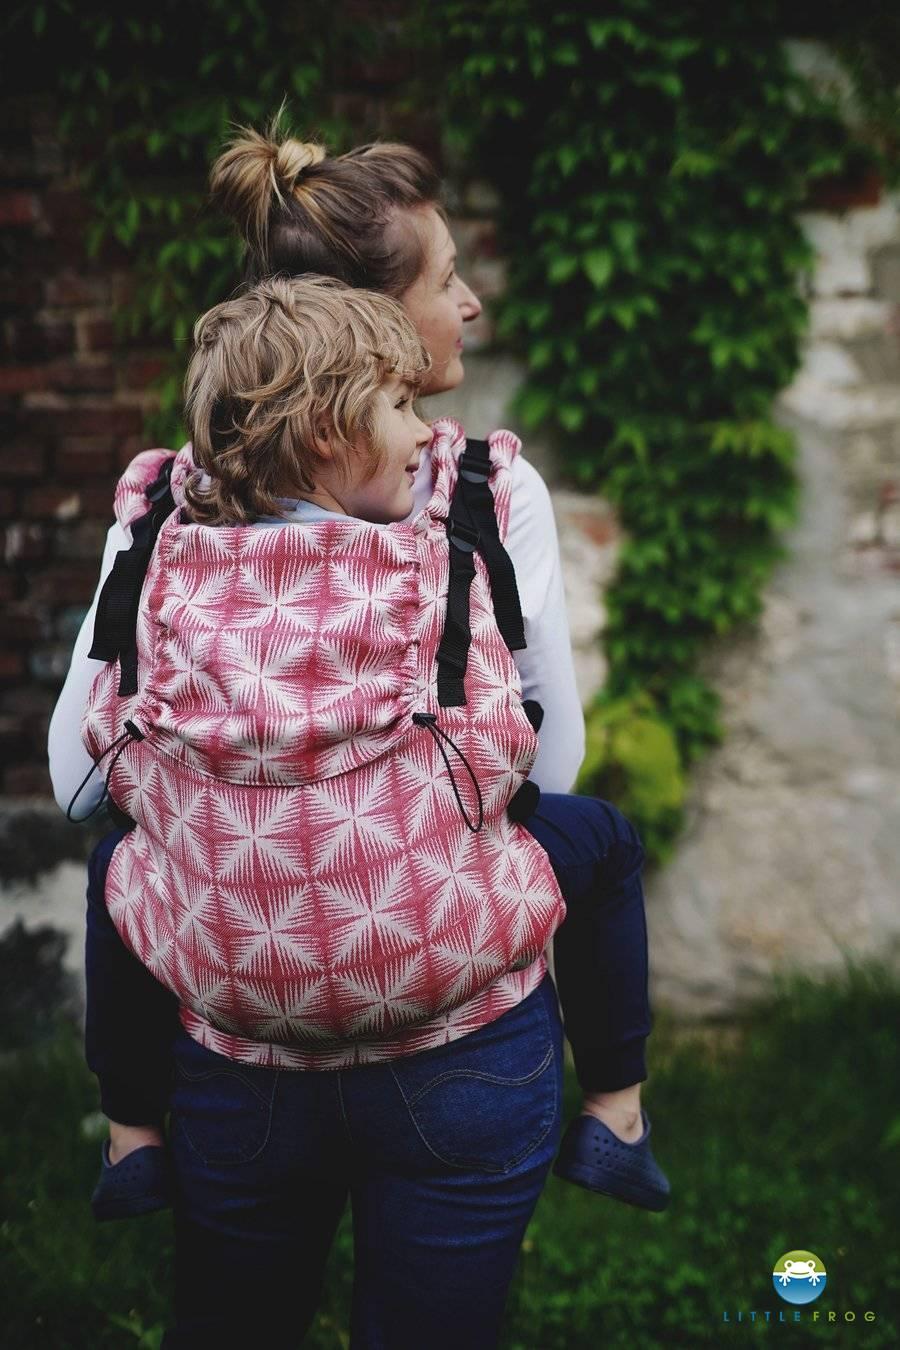 eng_pl_Little-Frog-XL-Toddler-Carrier-Red-Glimmer-7552_1